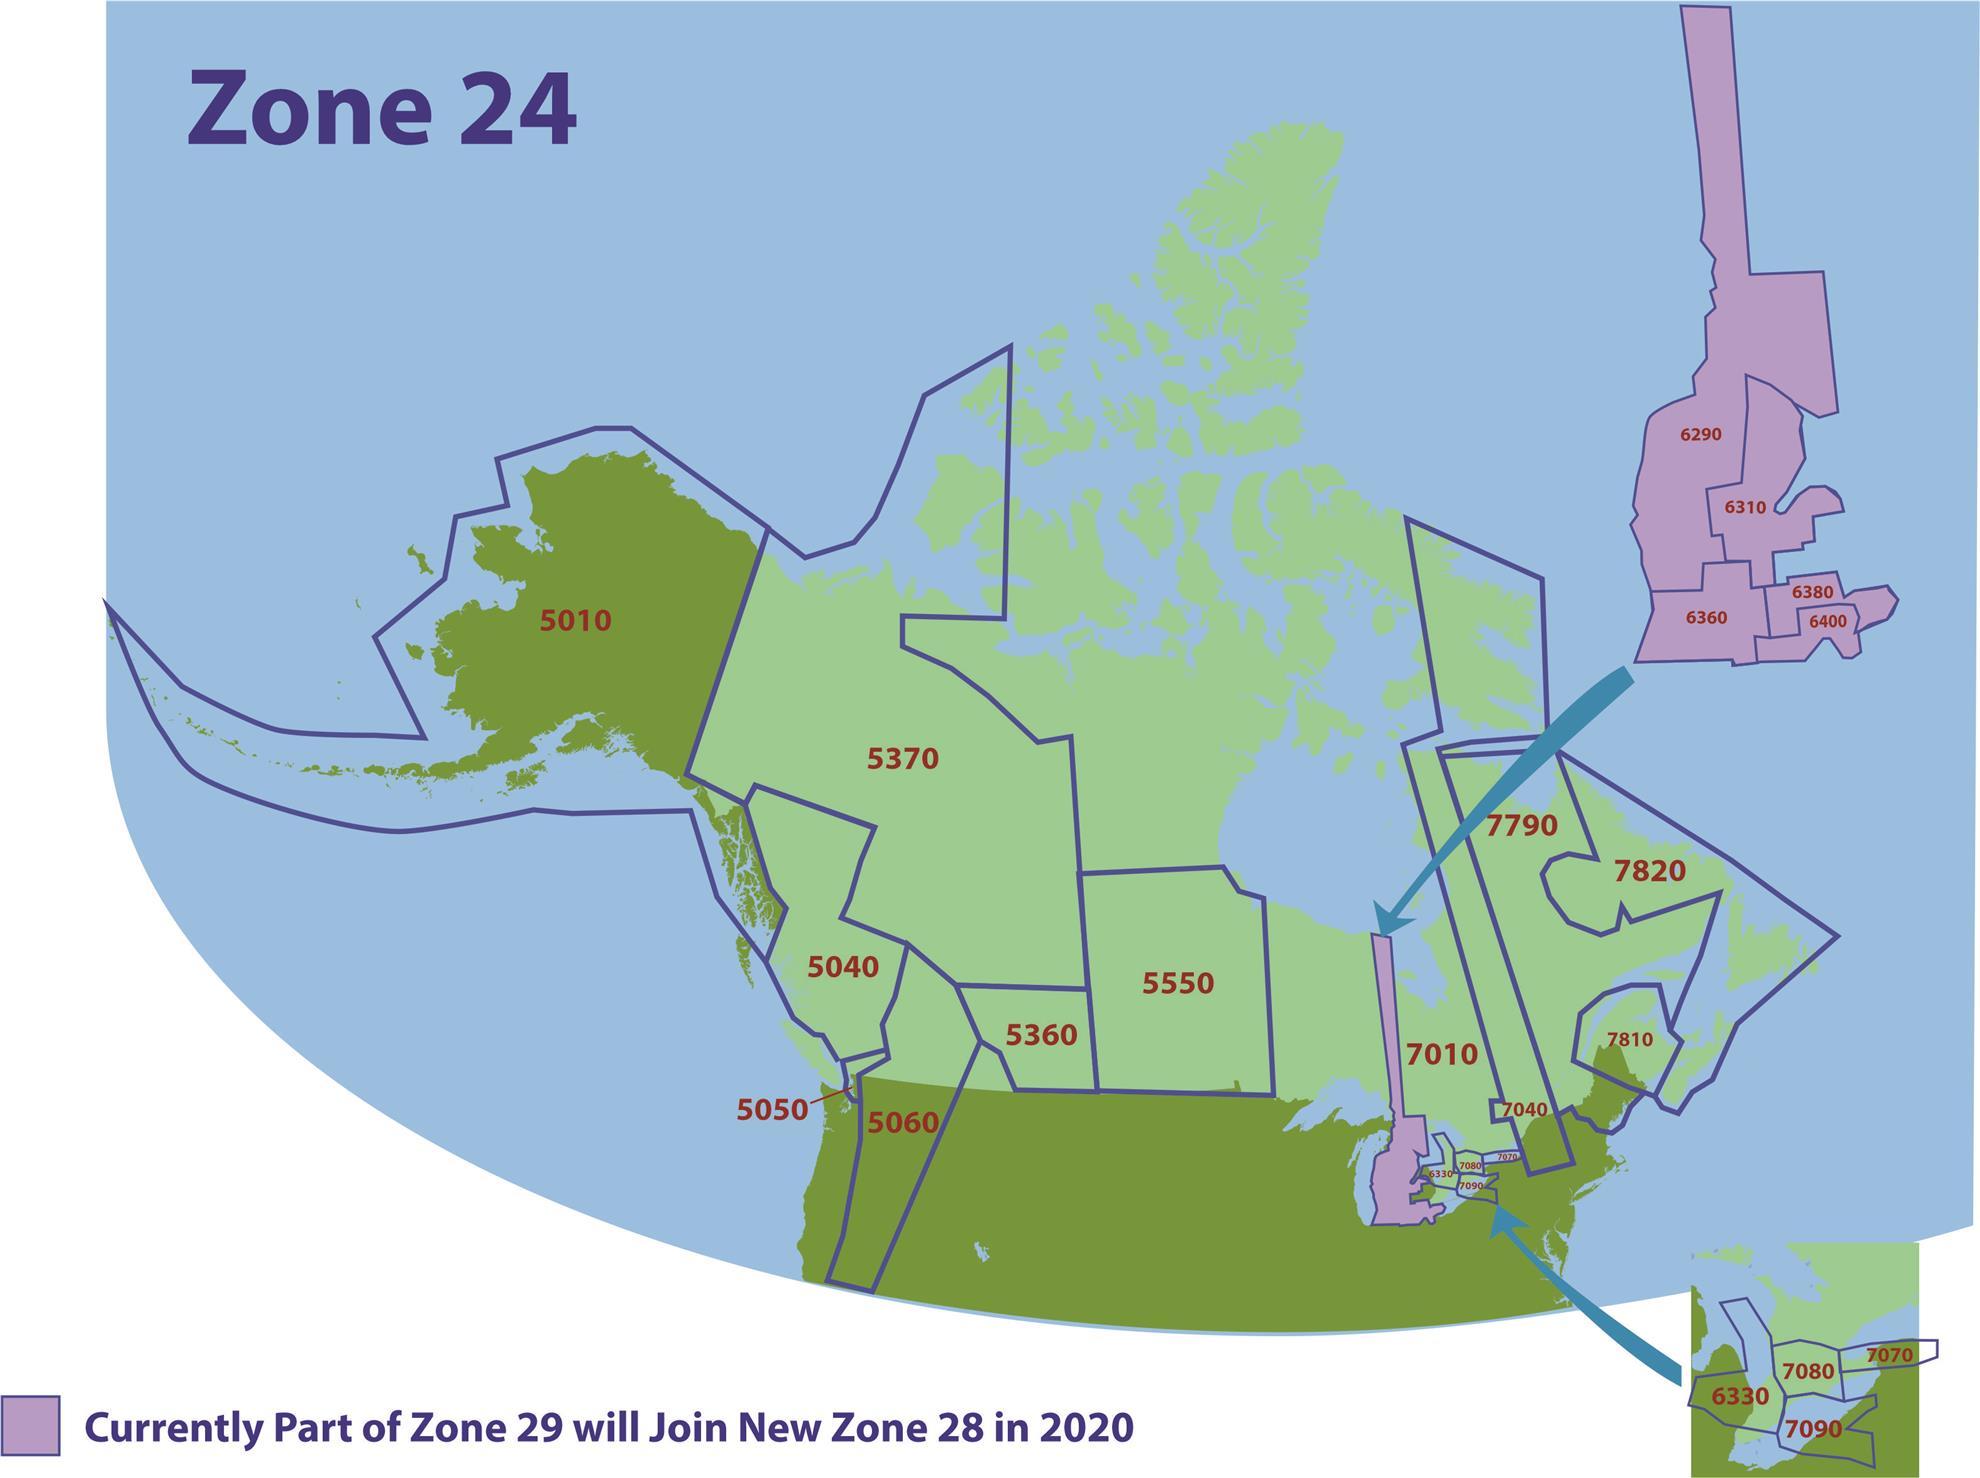 Stories | Zones 24 & 32